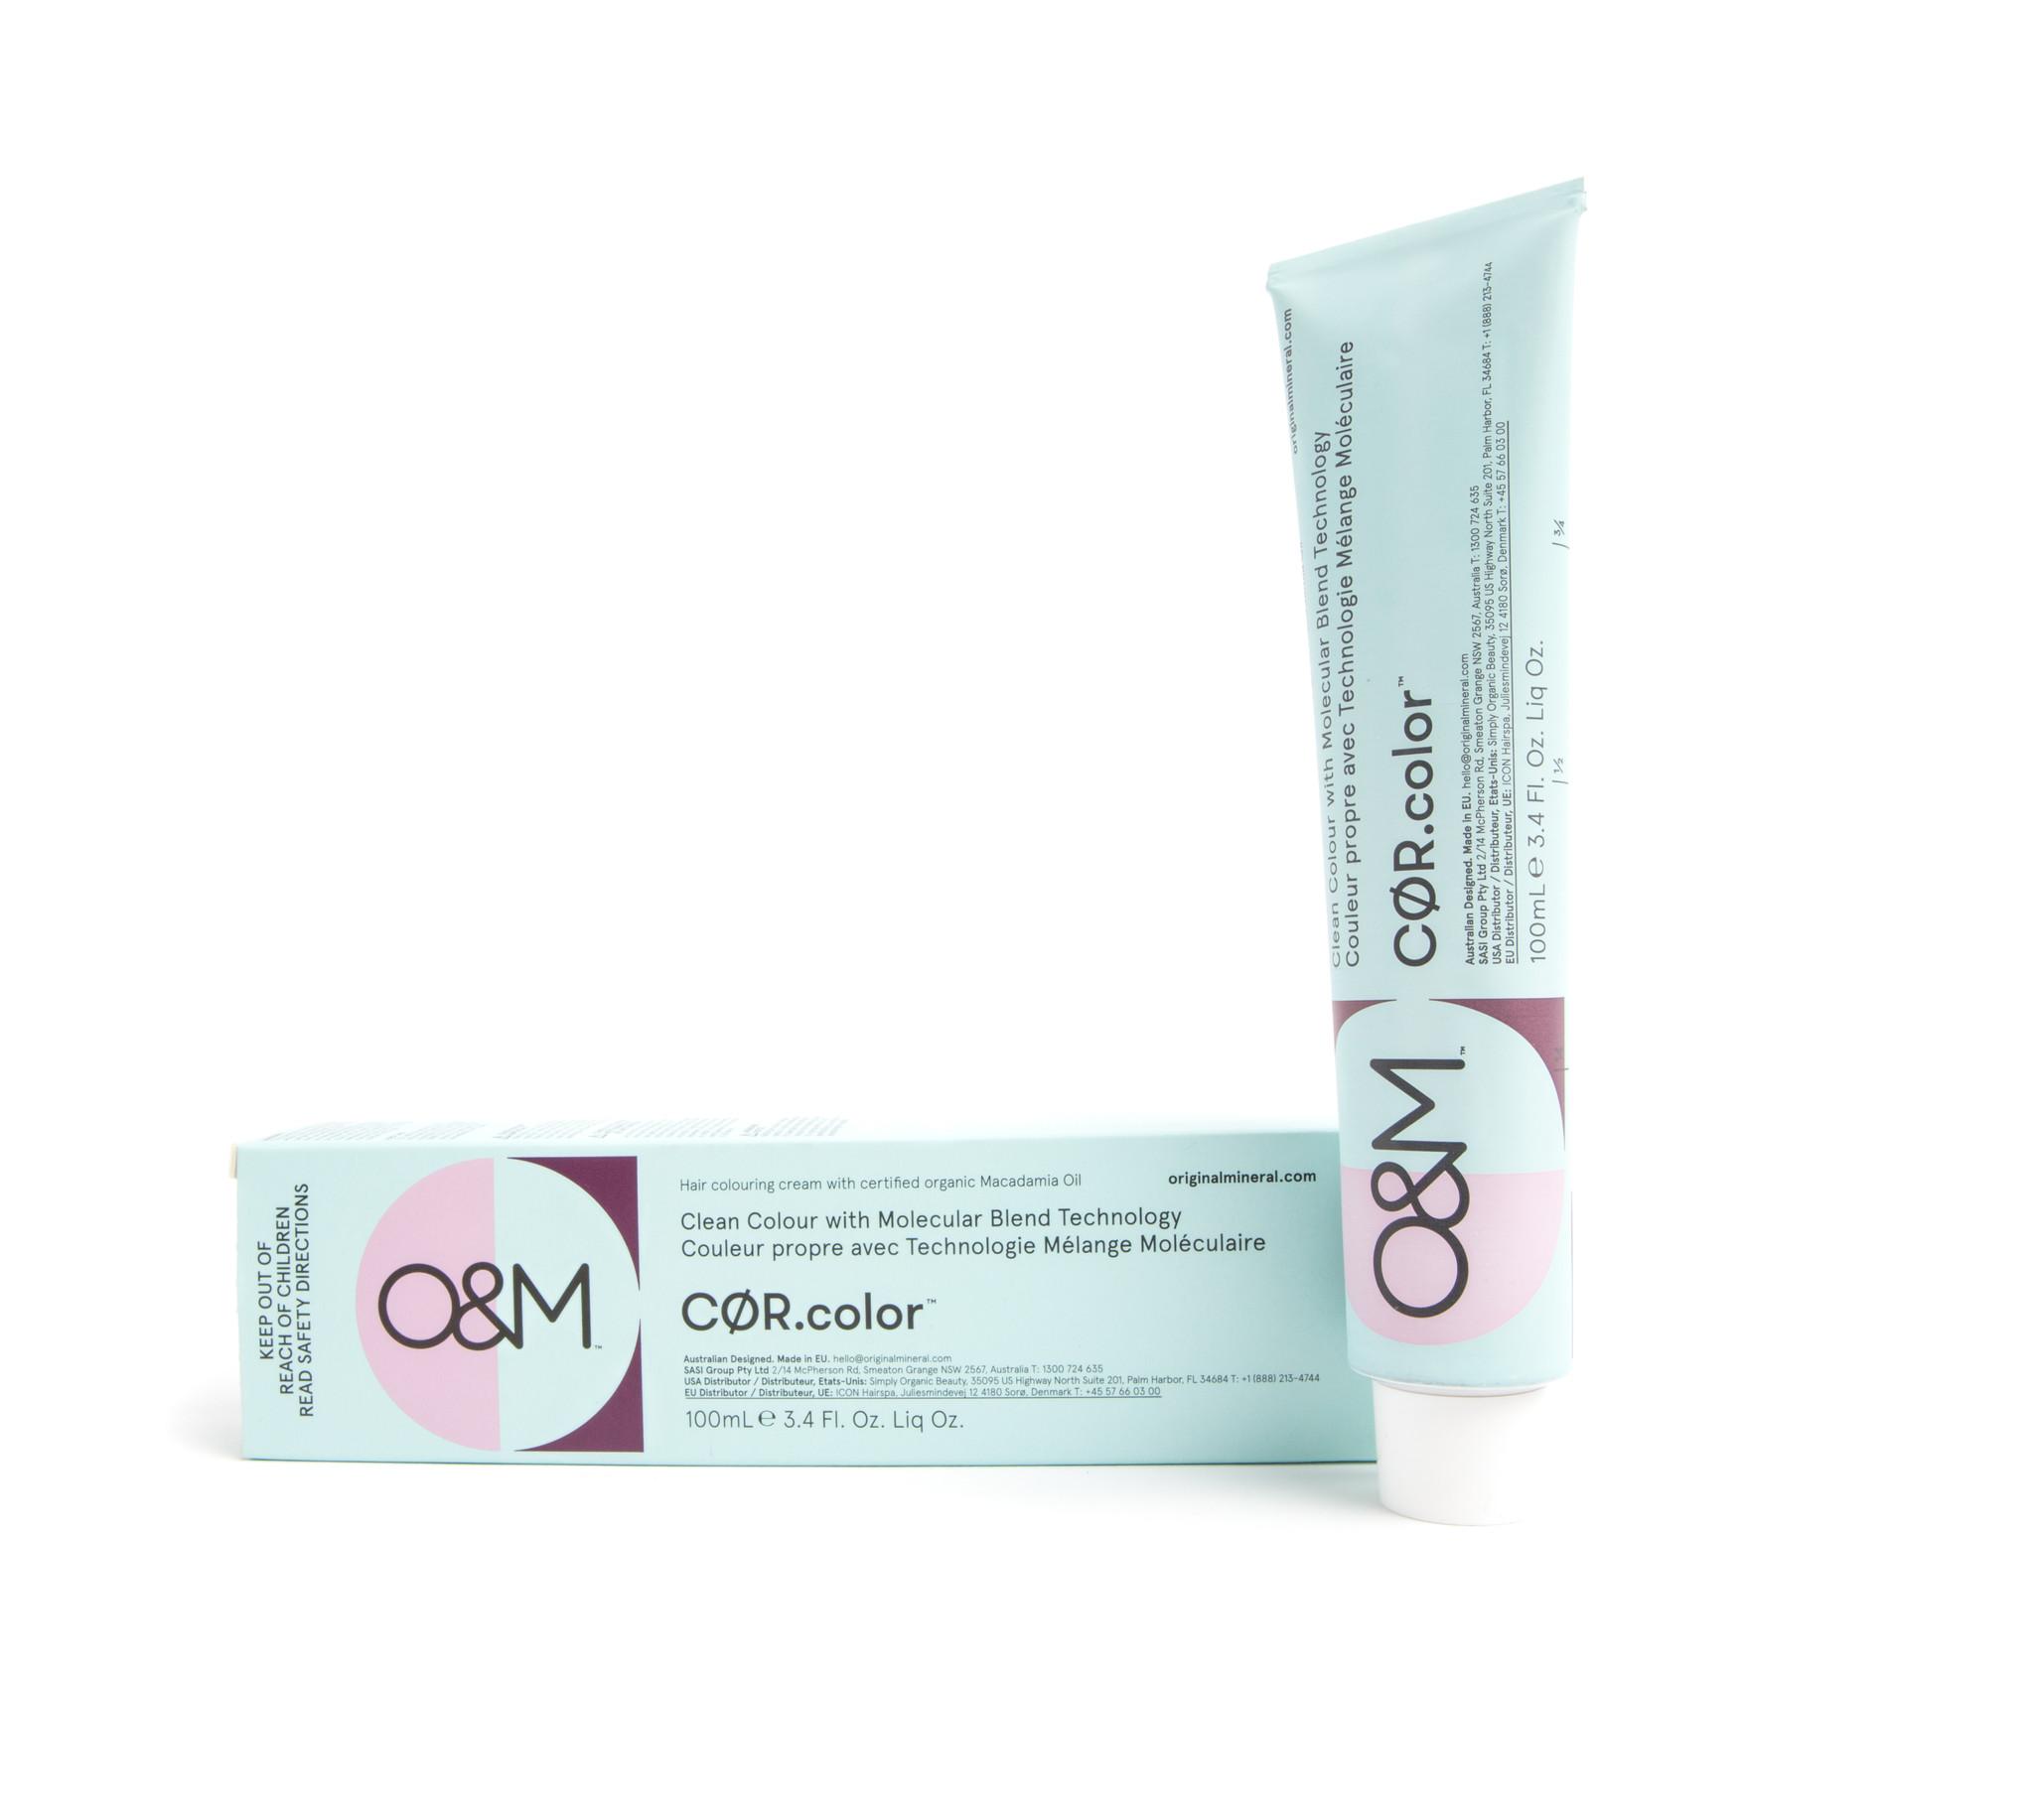 O&M - Original Mineral O&M CØR.color cool.beige - Cool Beige Blonde 7.13 100g